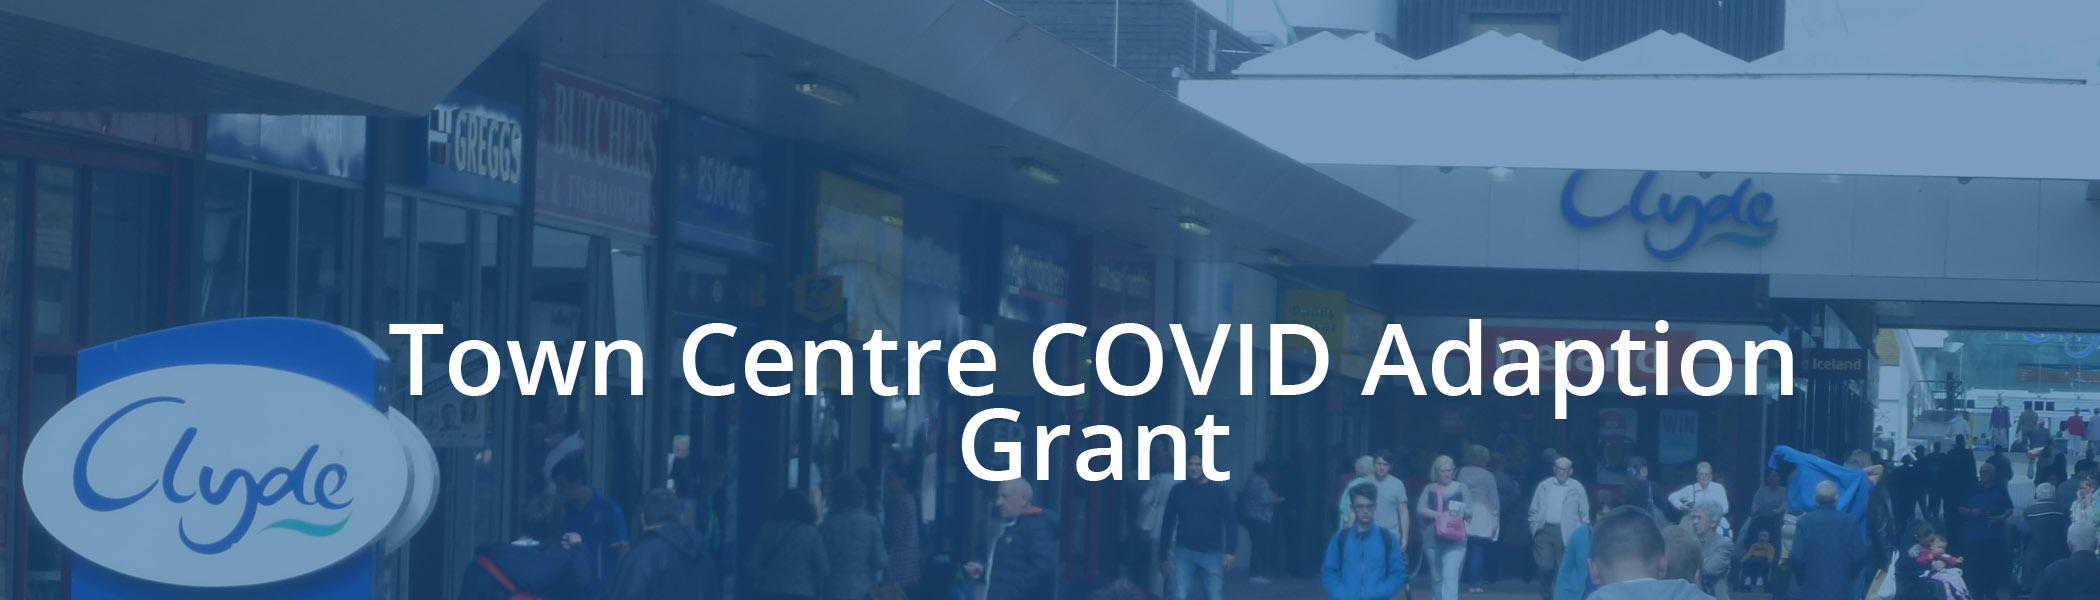 Town Centre COVID Adaption Grant